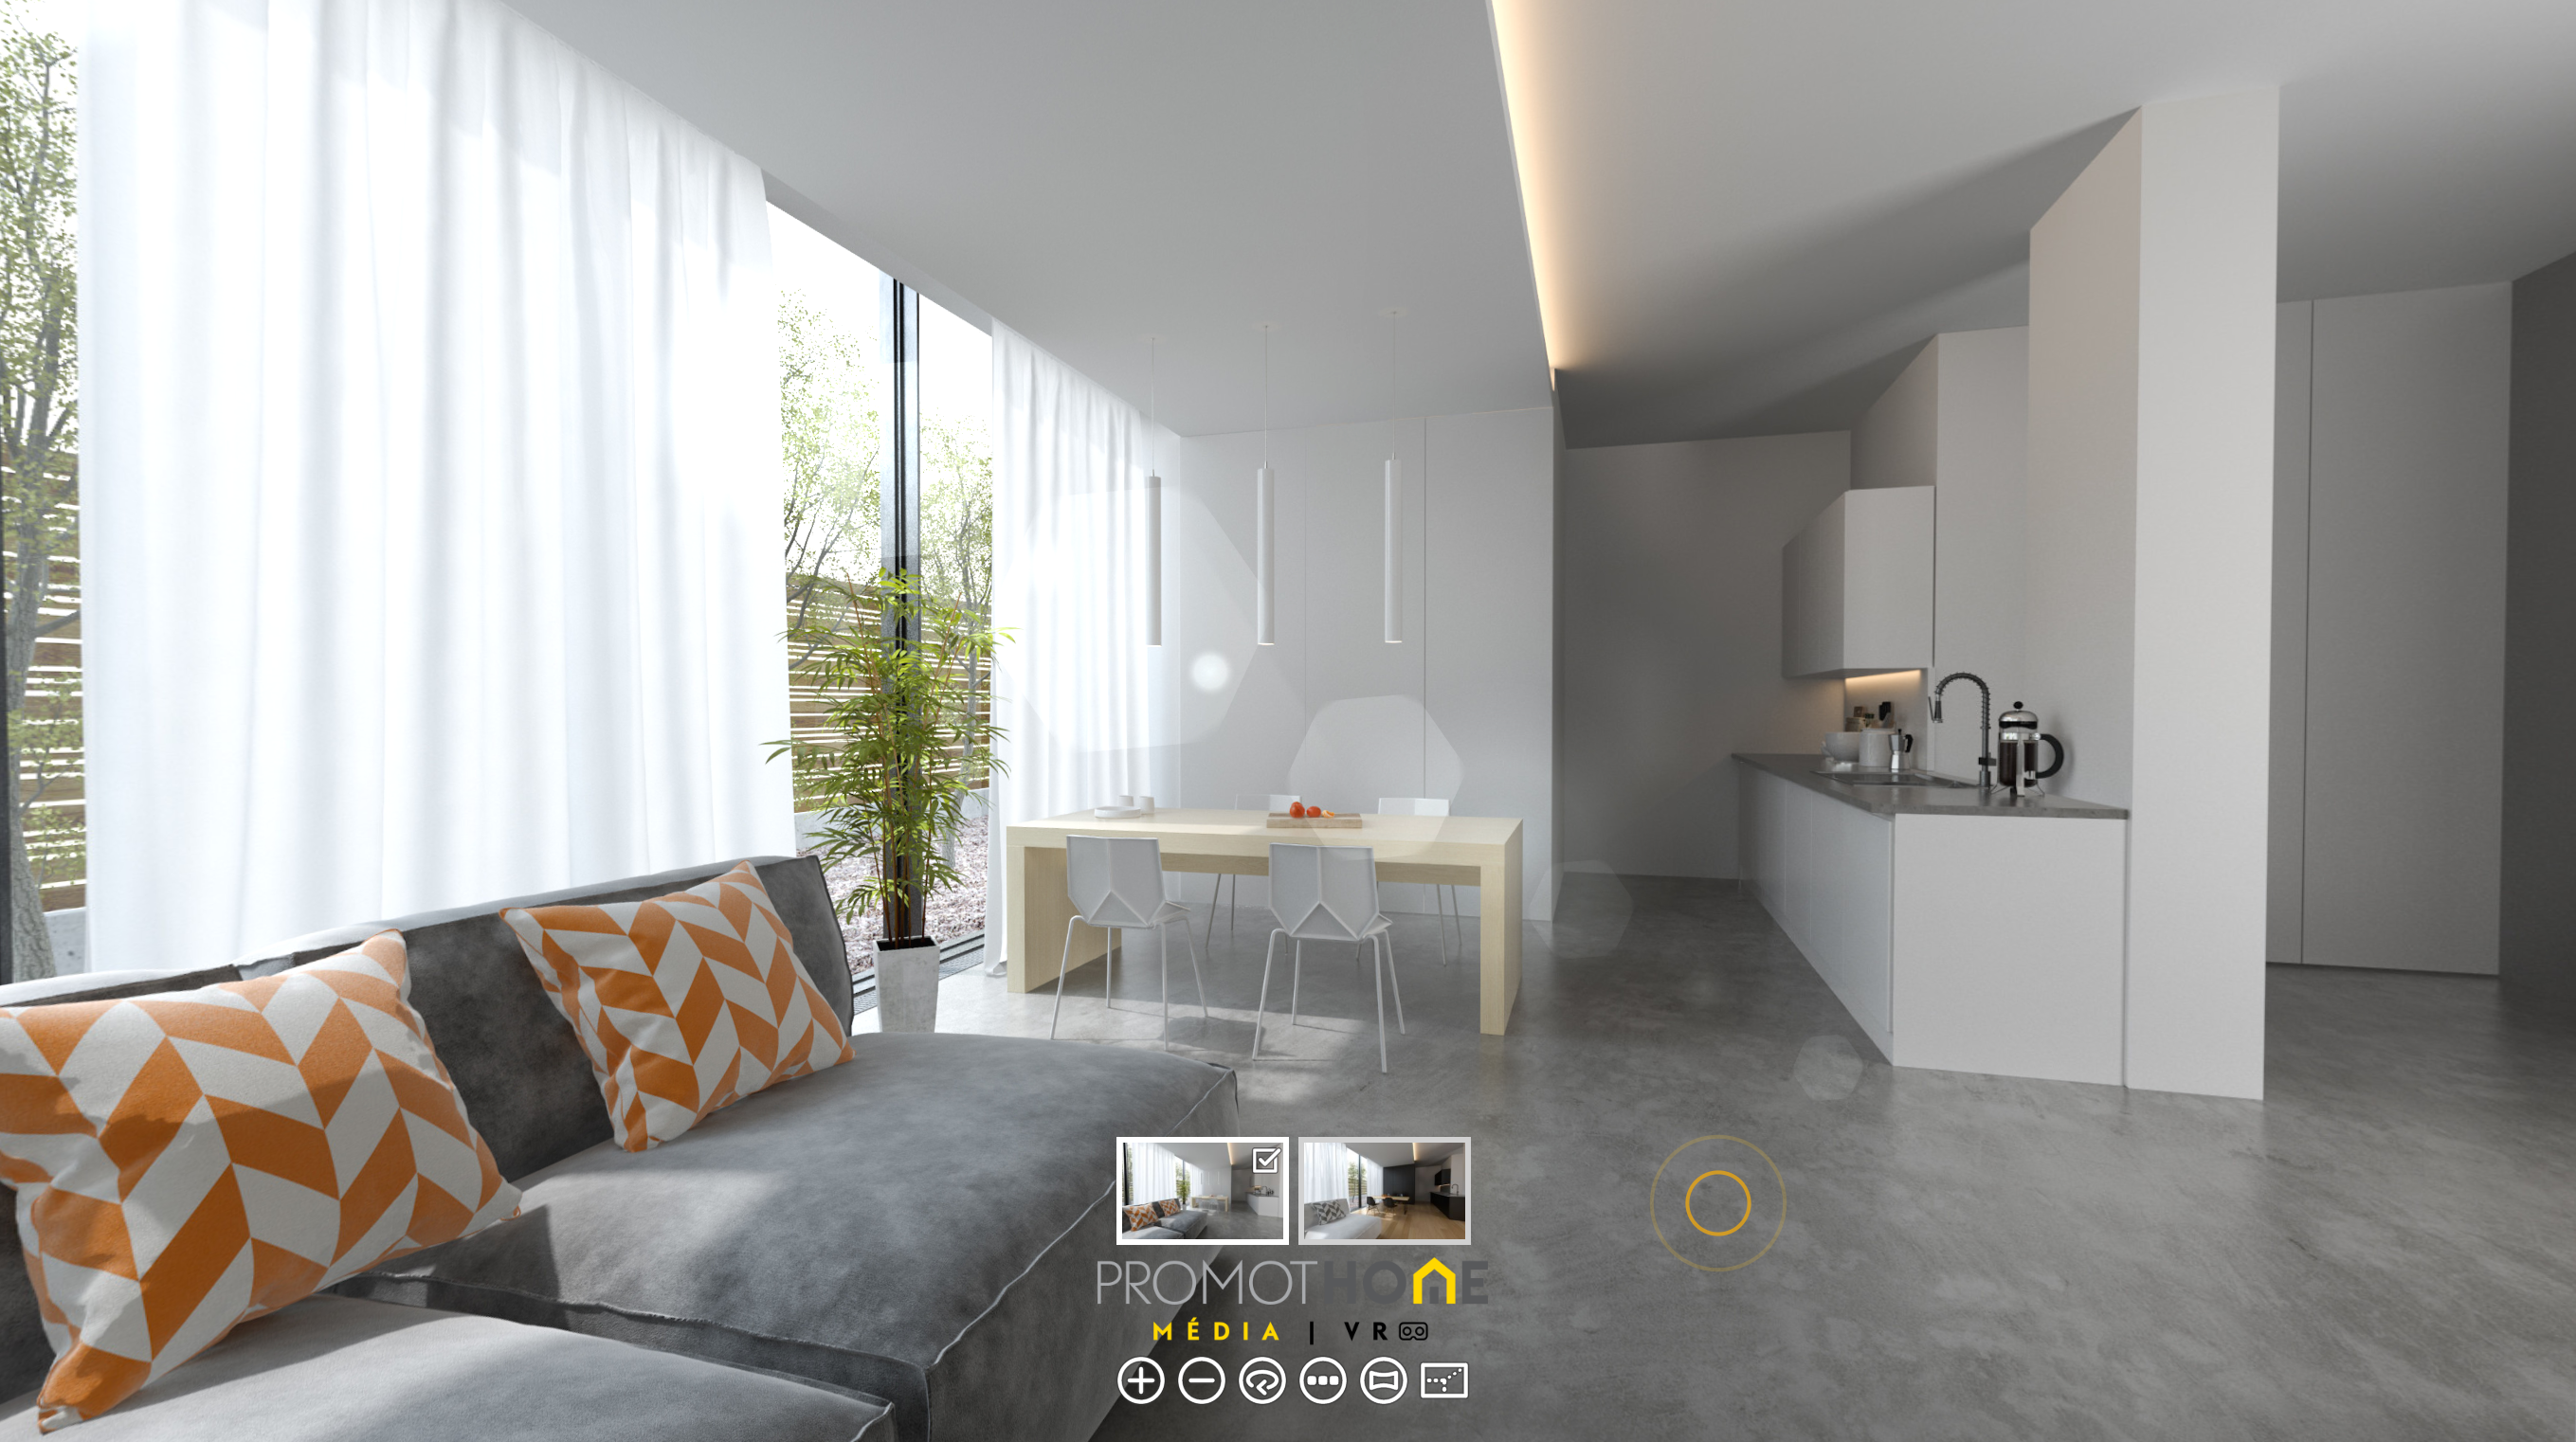 Choix des prestations et ambiances d'un logement neuf